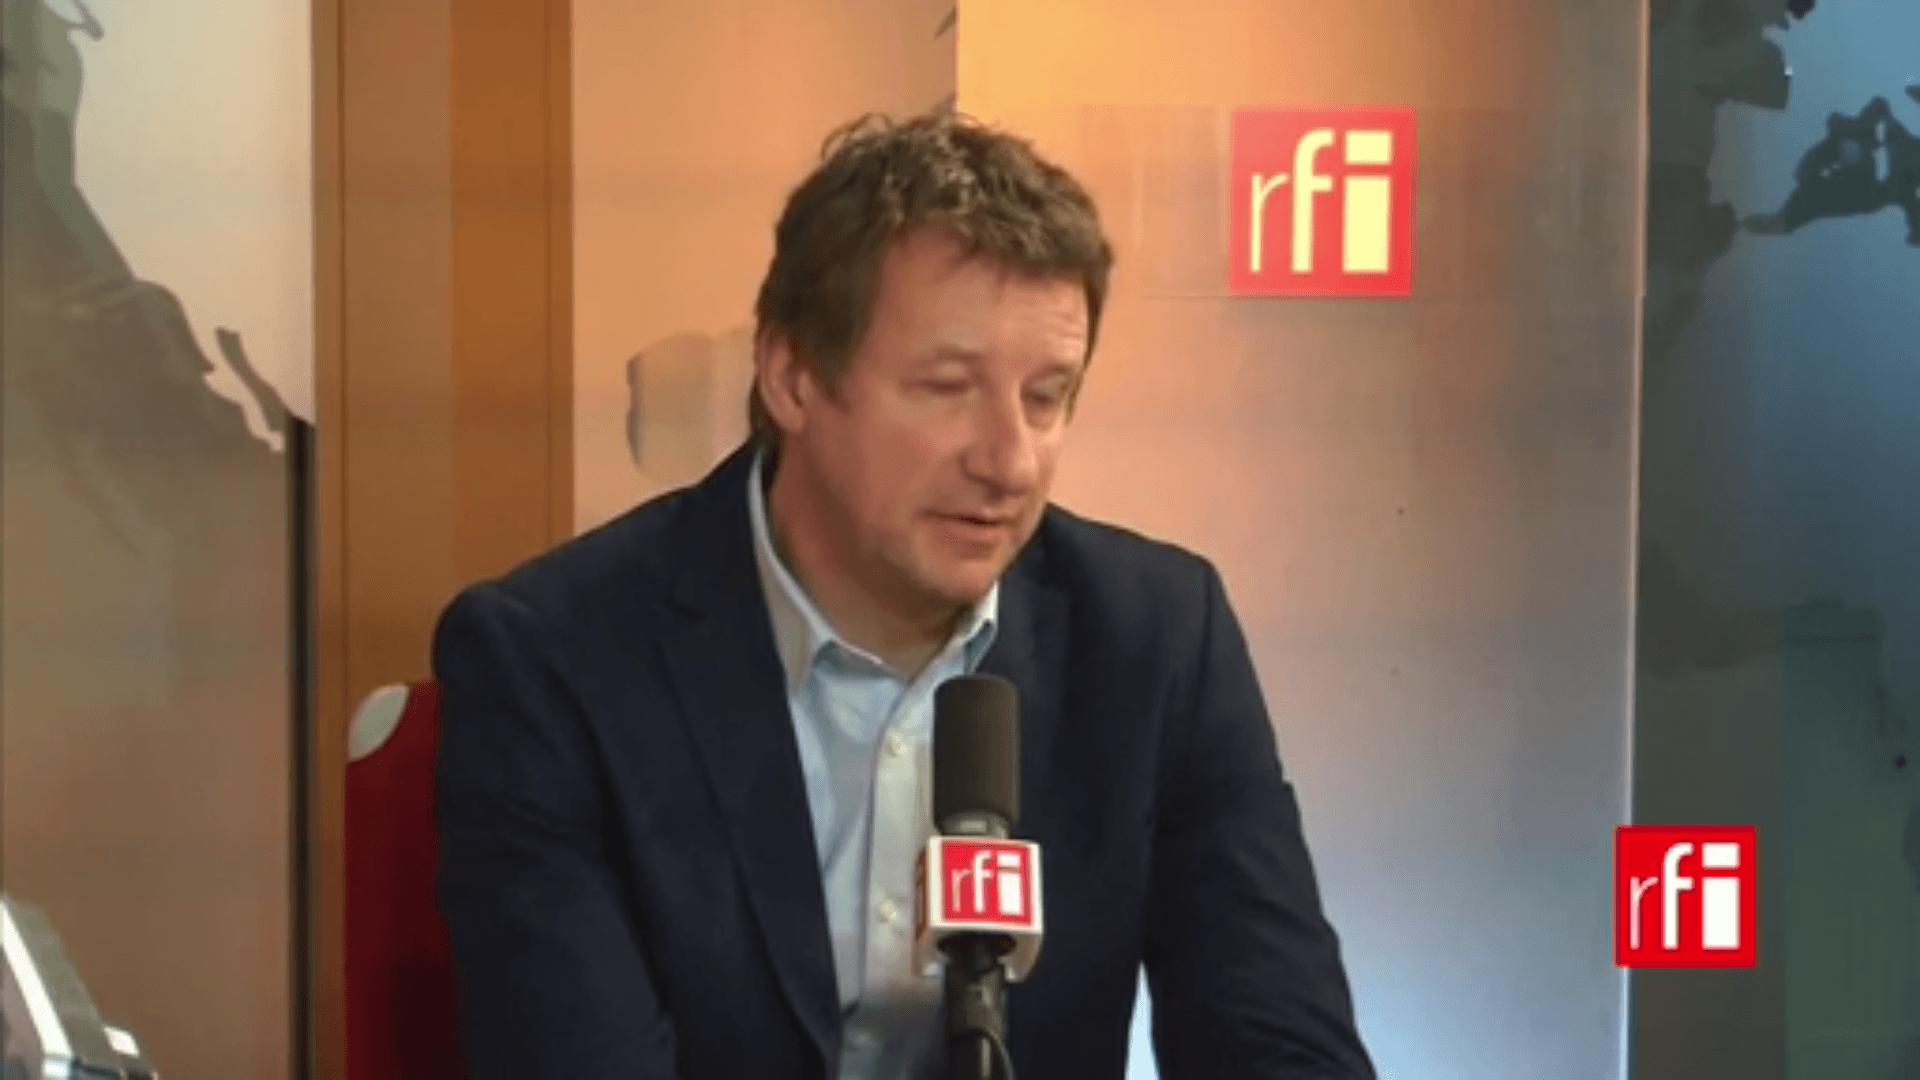 Yannick Jadot, invité de RFI, F.Rivière, 29 mars 2016